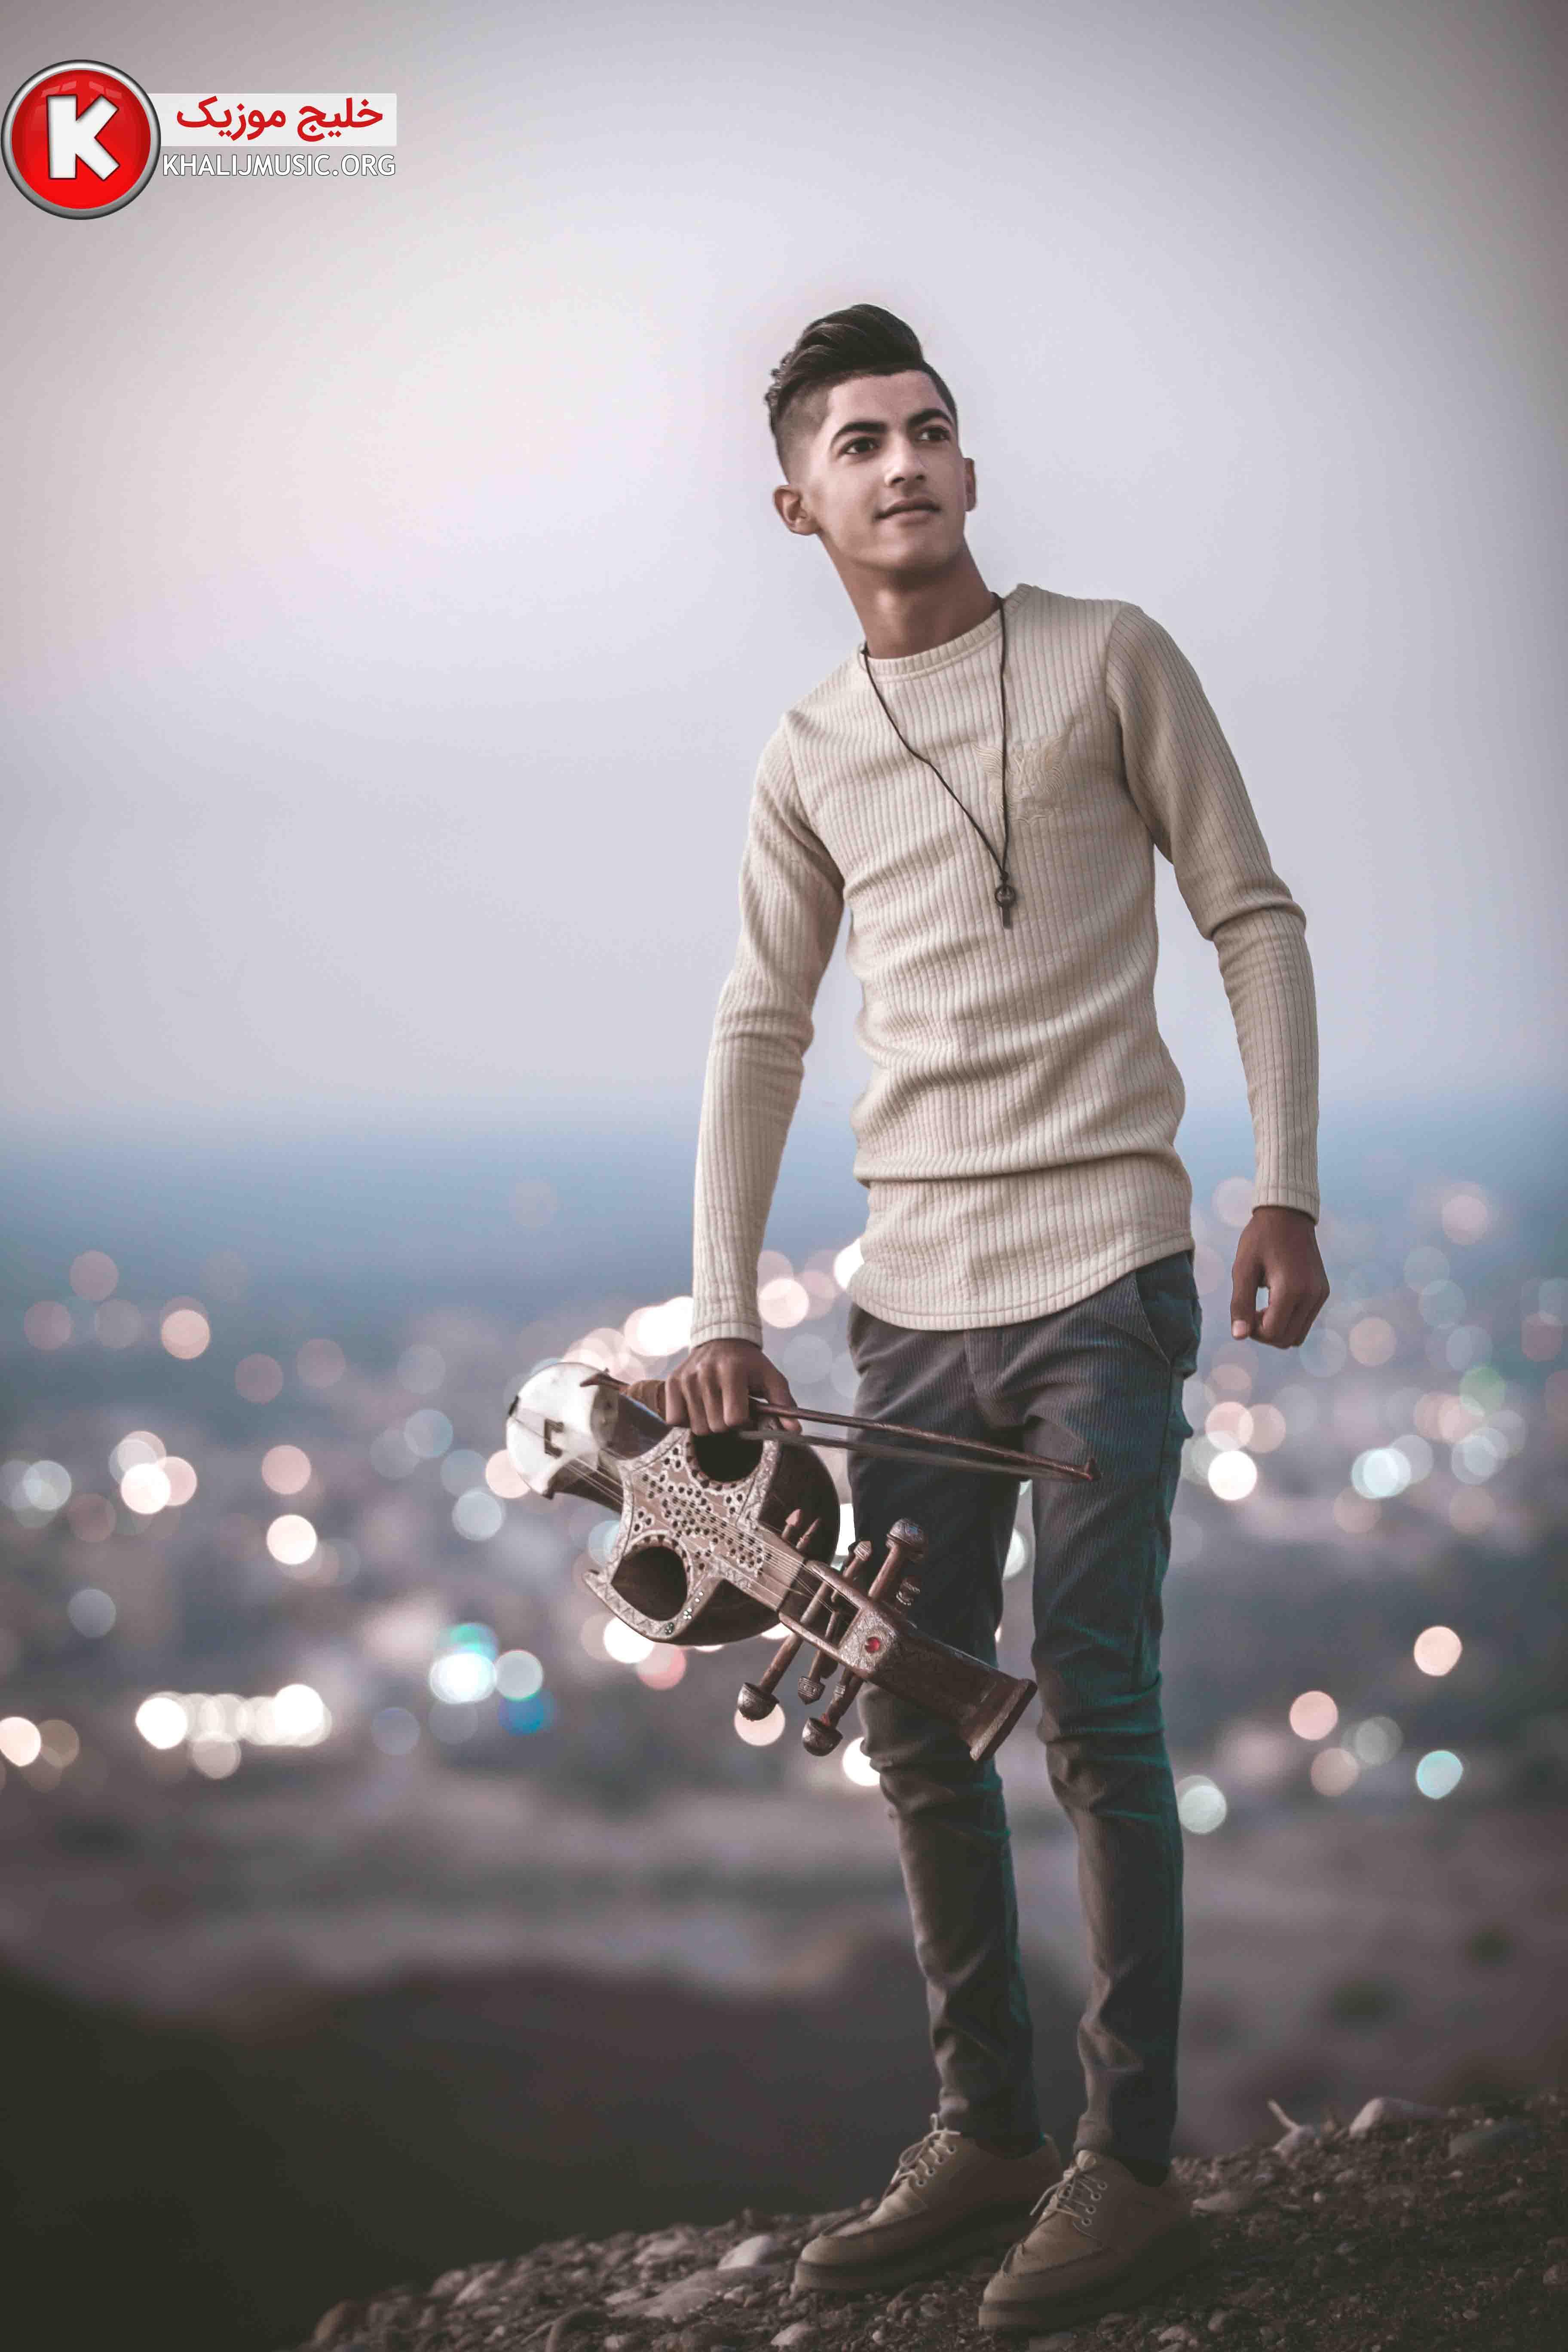 مهرزاد نوازنده دانلود آهنگ جدید اجرای زنده و بسیار زیبا و شنیدنی بصورت حفله